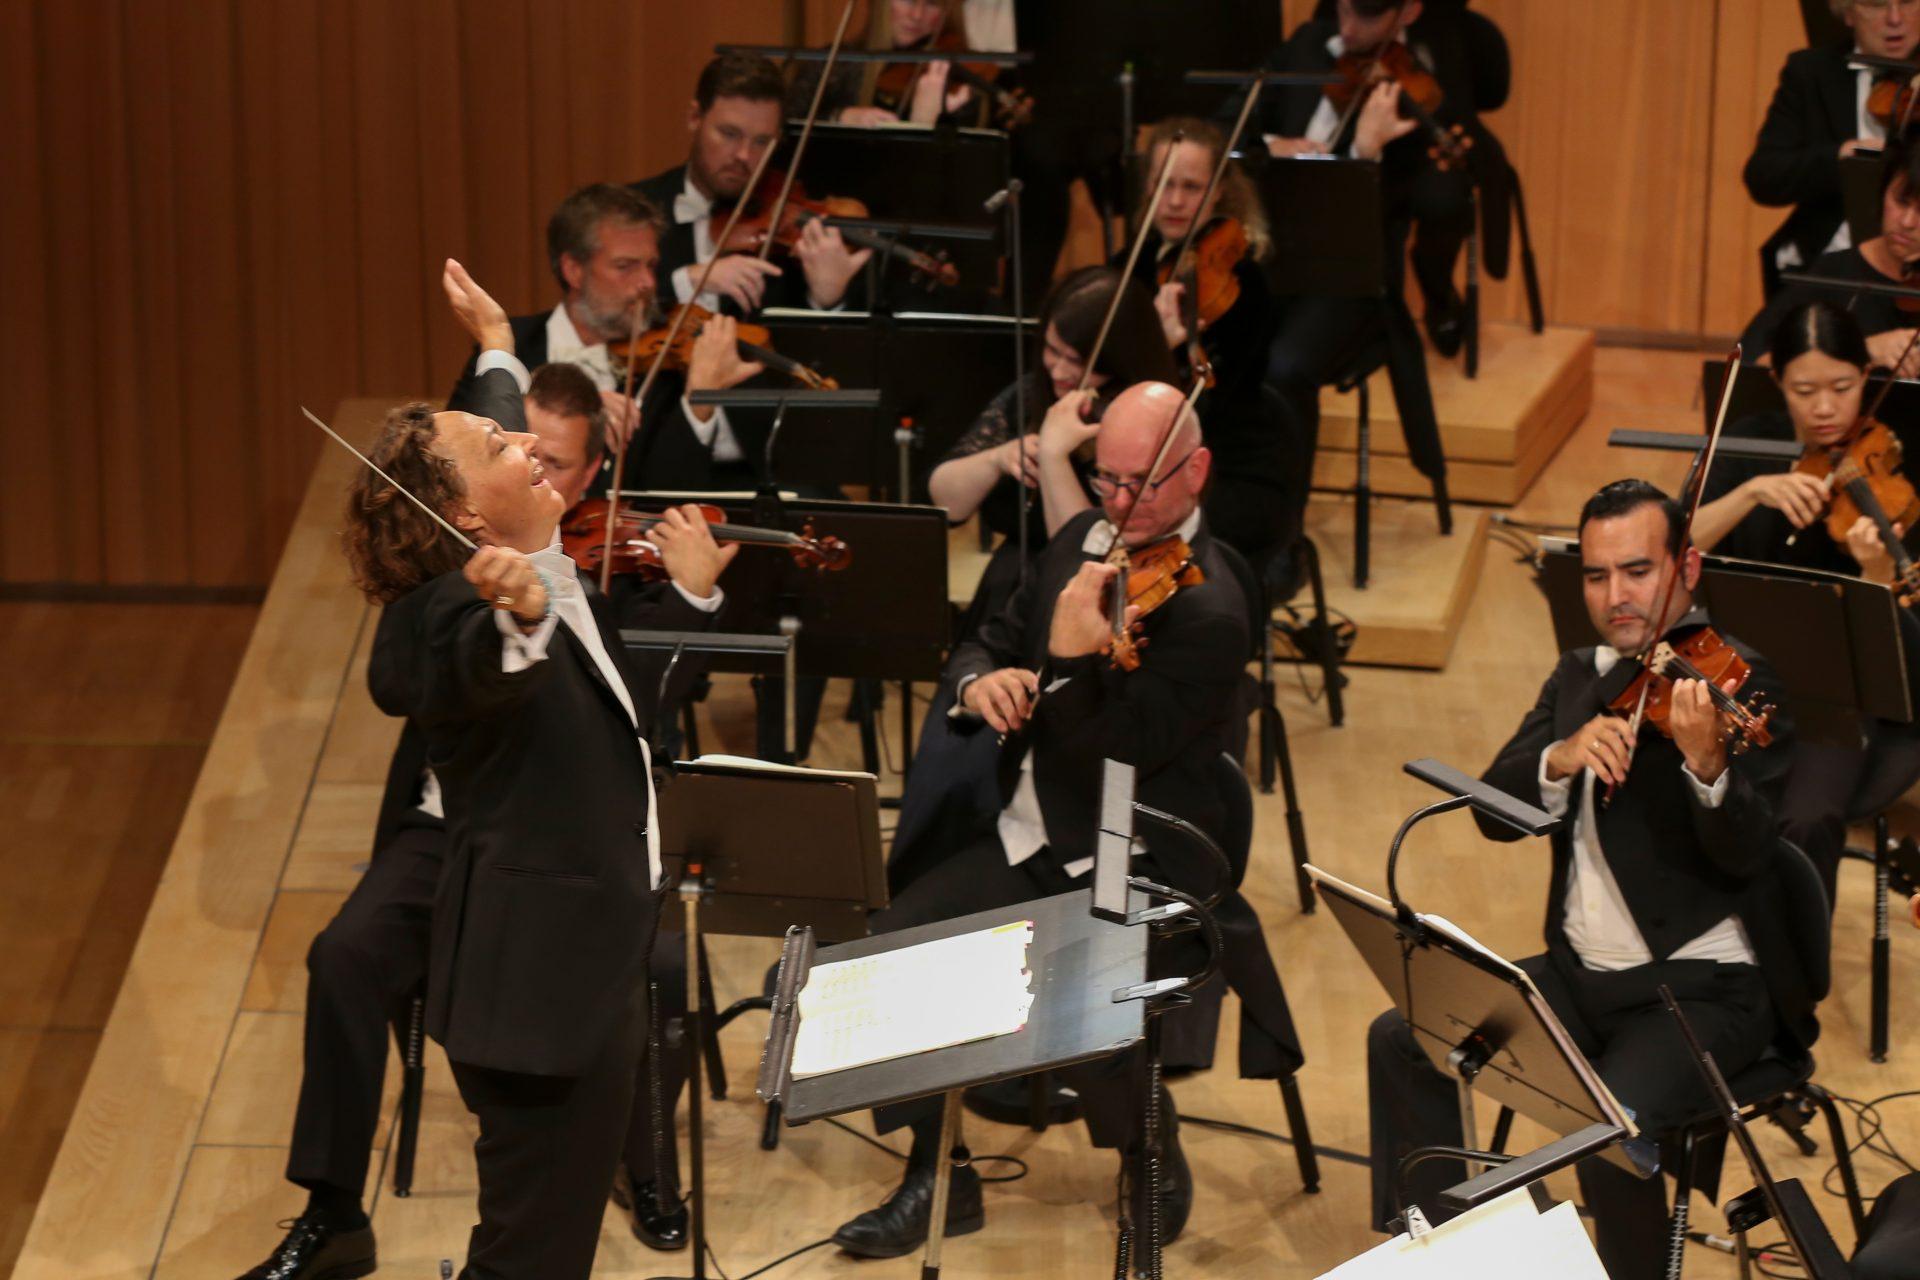 Konsertanmeldelse: Beethoven avslutningskonsert